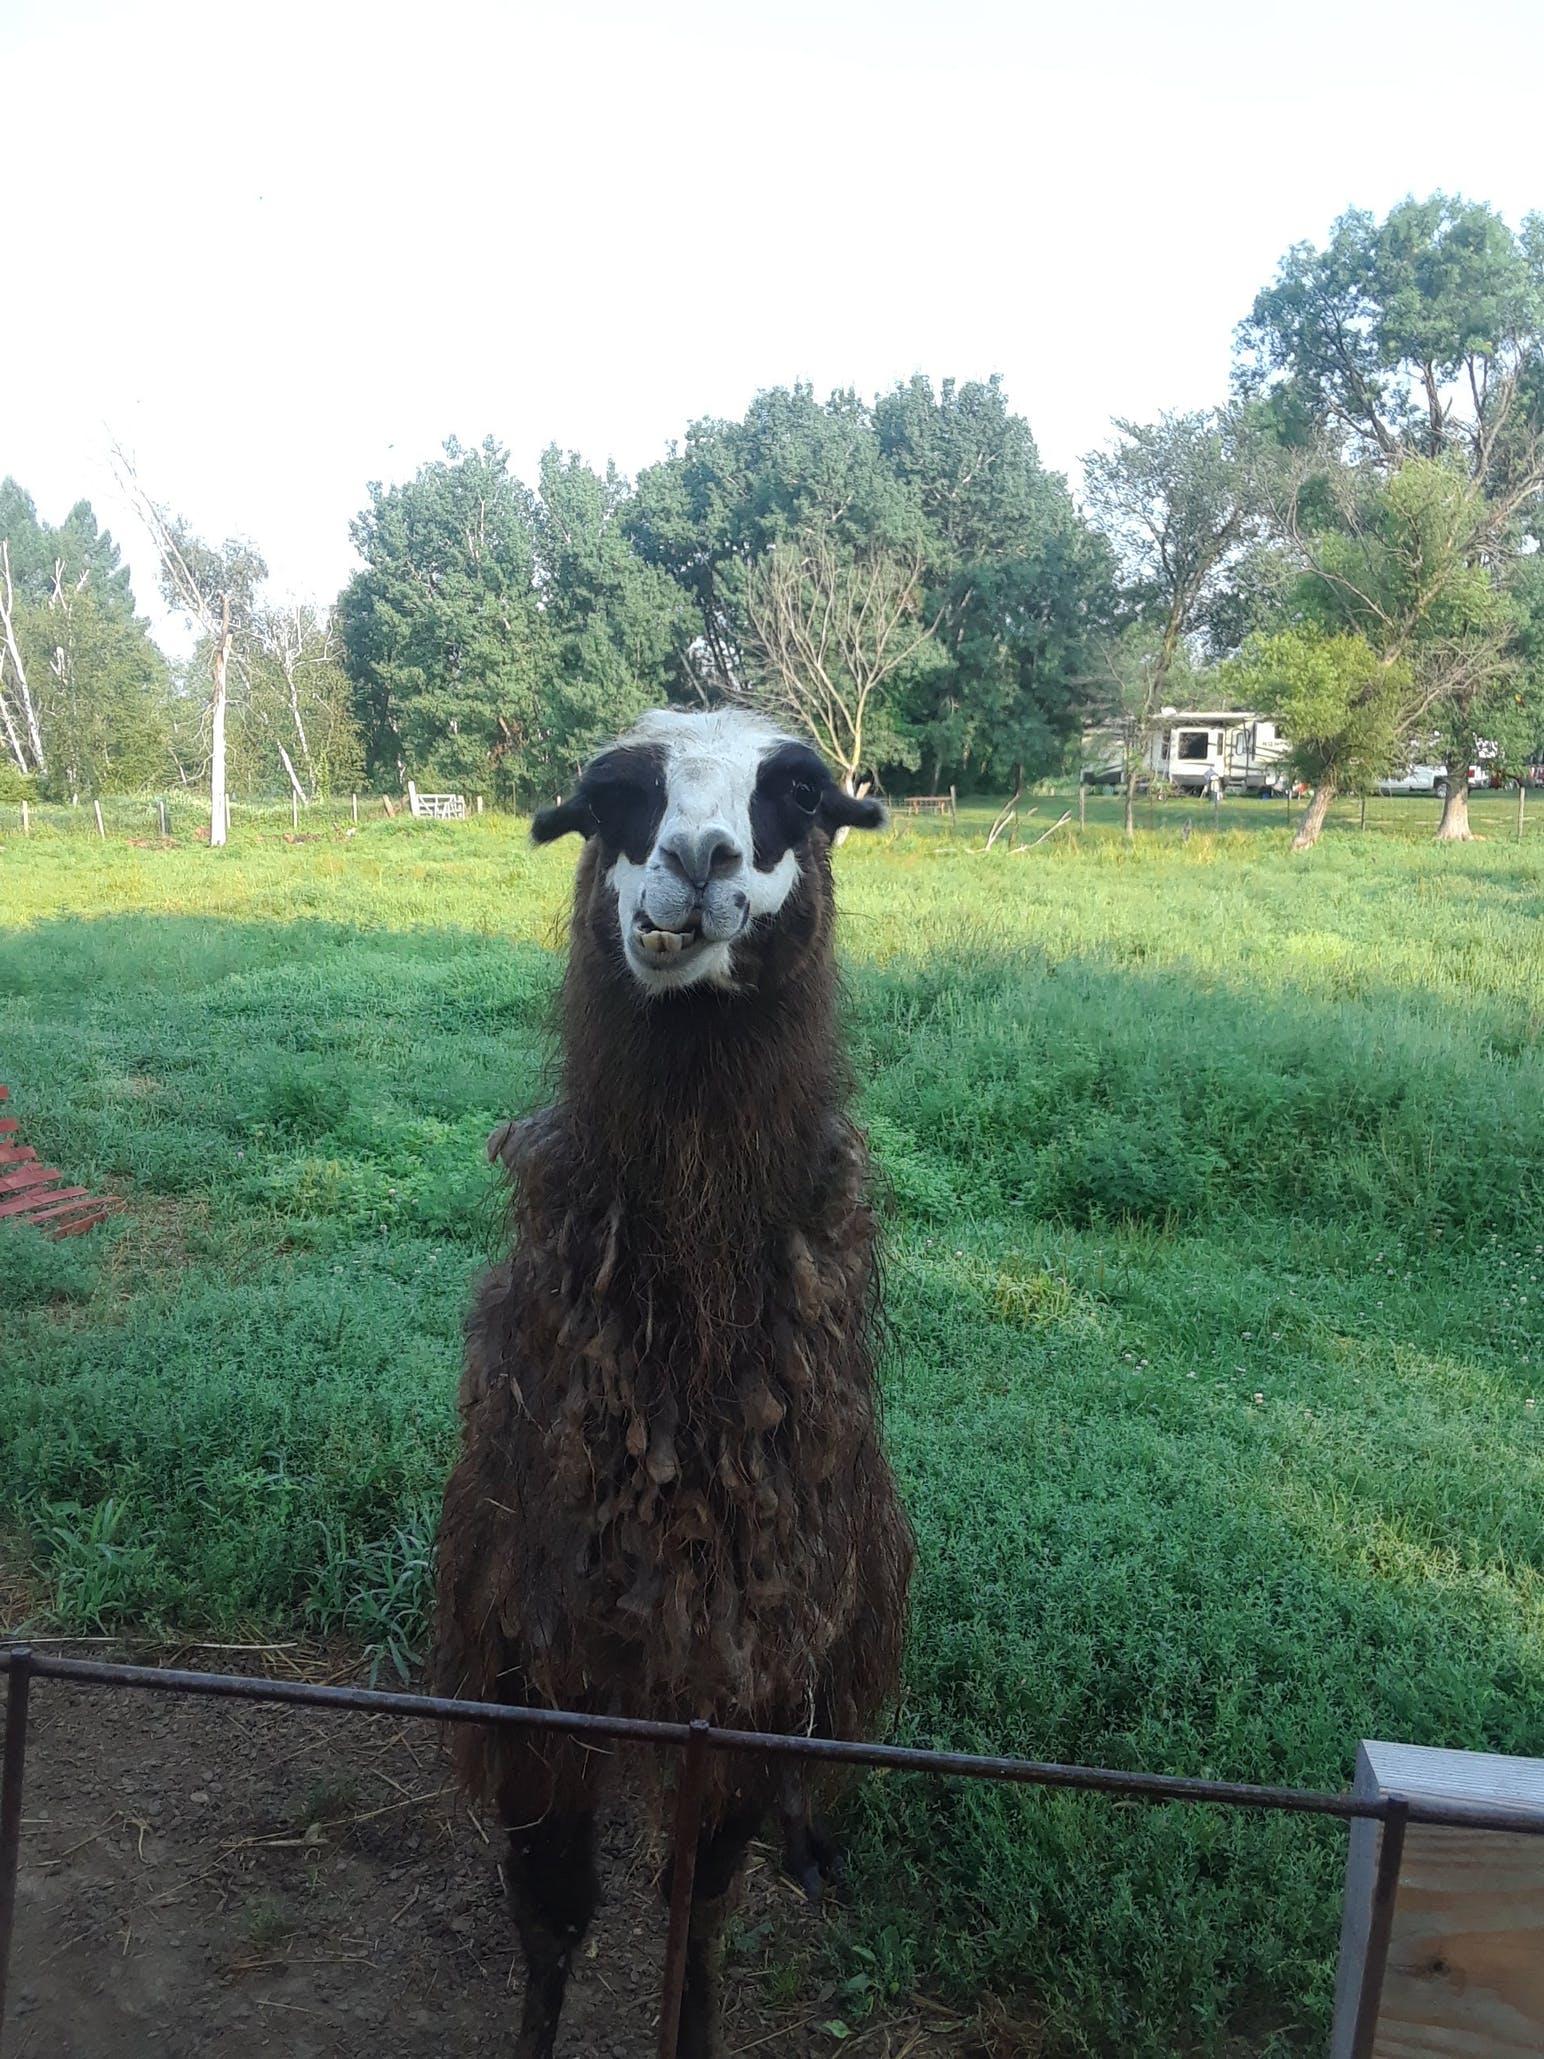 llama in pasture